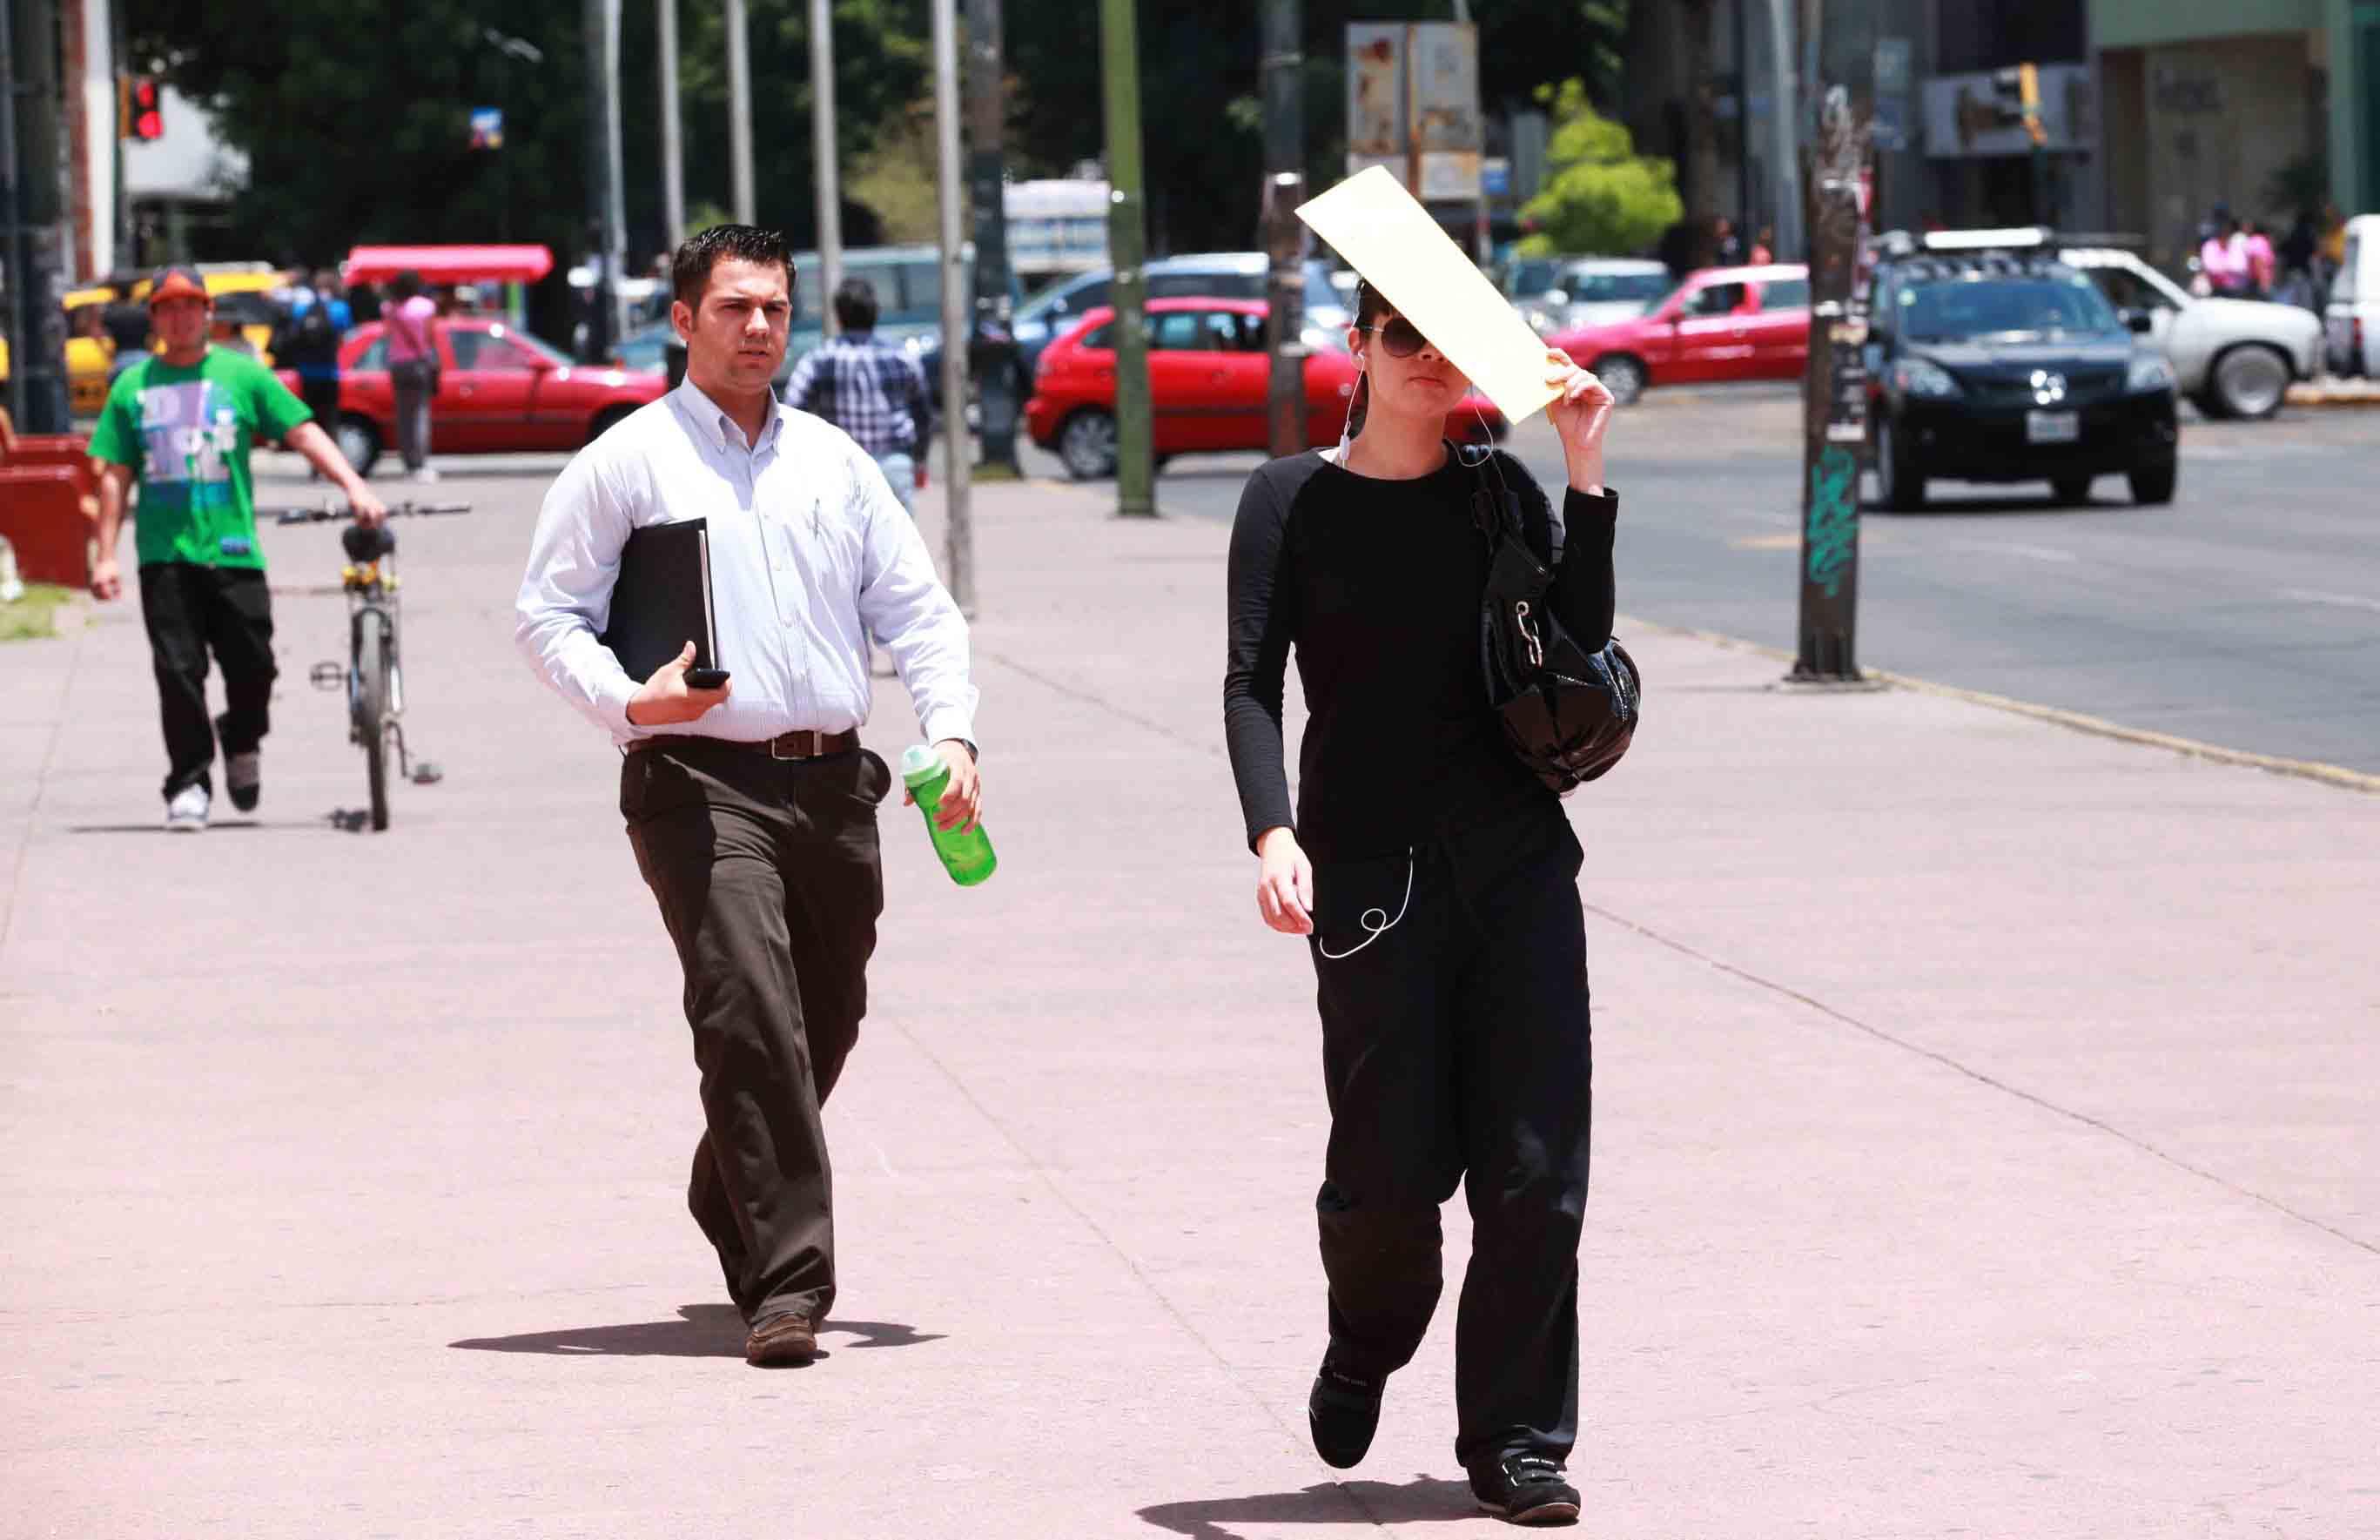 Personas caminando por la calle, portando una botella de agua o cubriéndose con algún objeto del sol, ante las temperaturas cálidas.